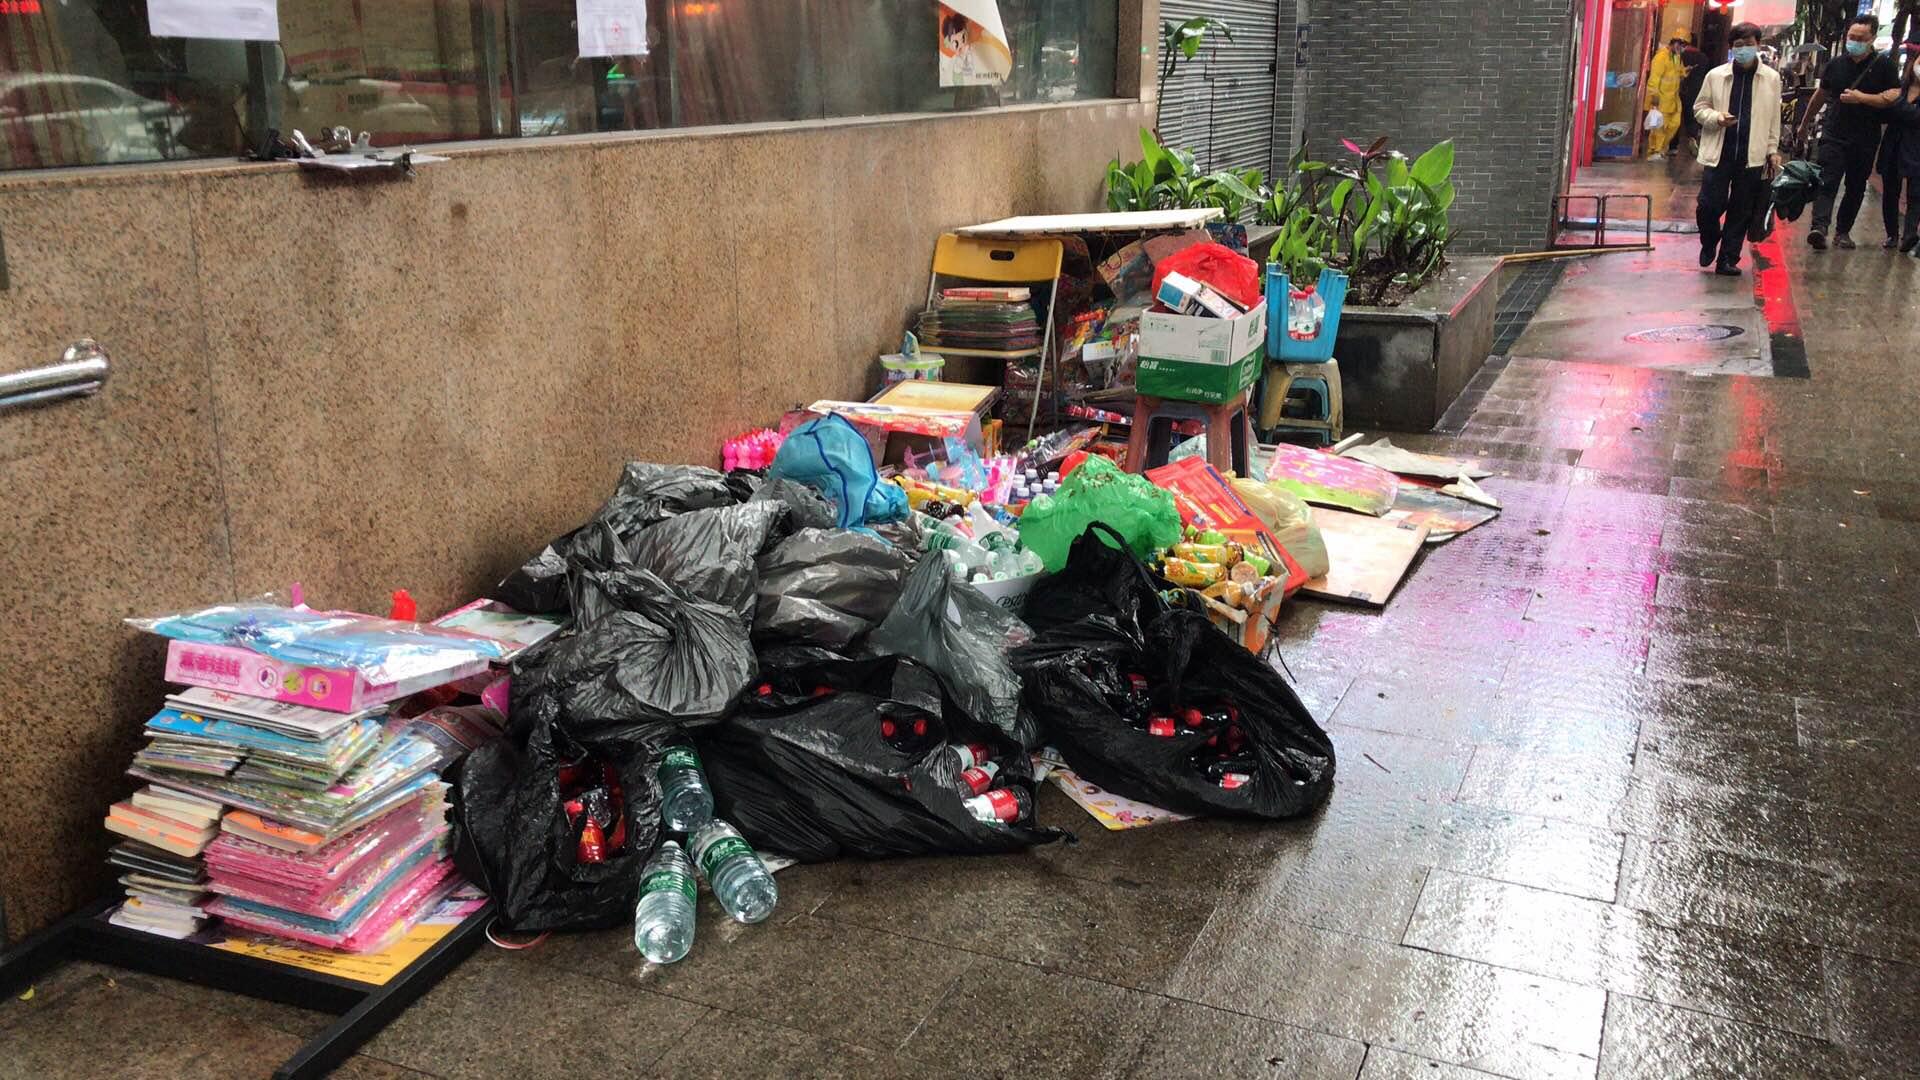 报刊亭的物品被清空放到了被雨水打湿的路上